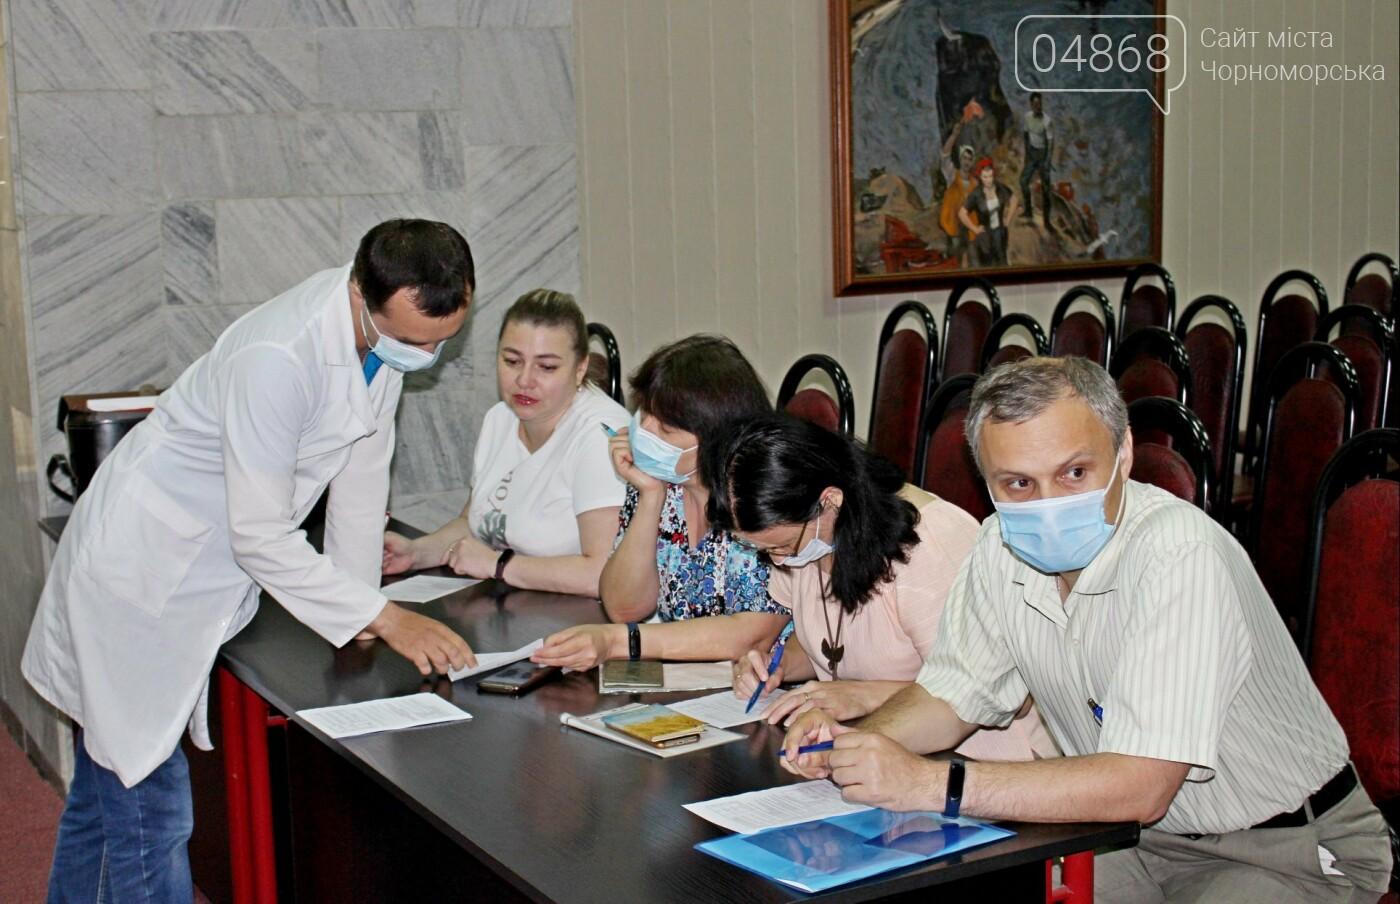 В порту Черноморска провели первый этап вакцинации от Covid-19 работников, фото-8